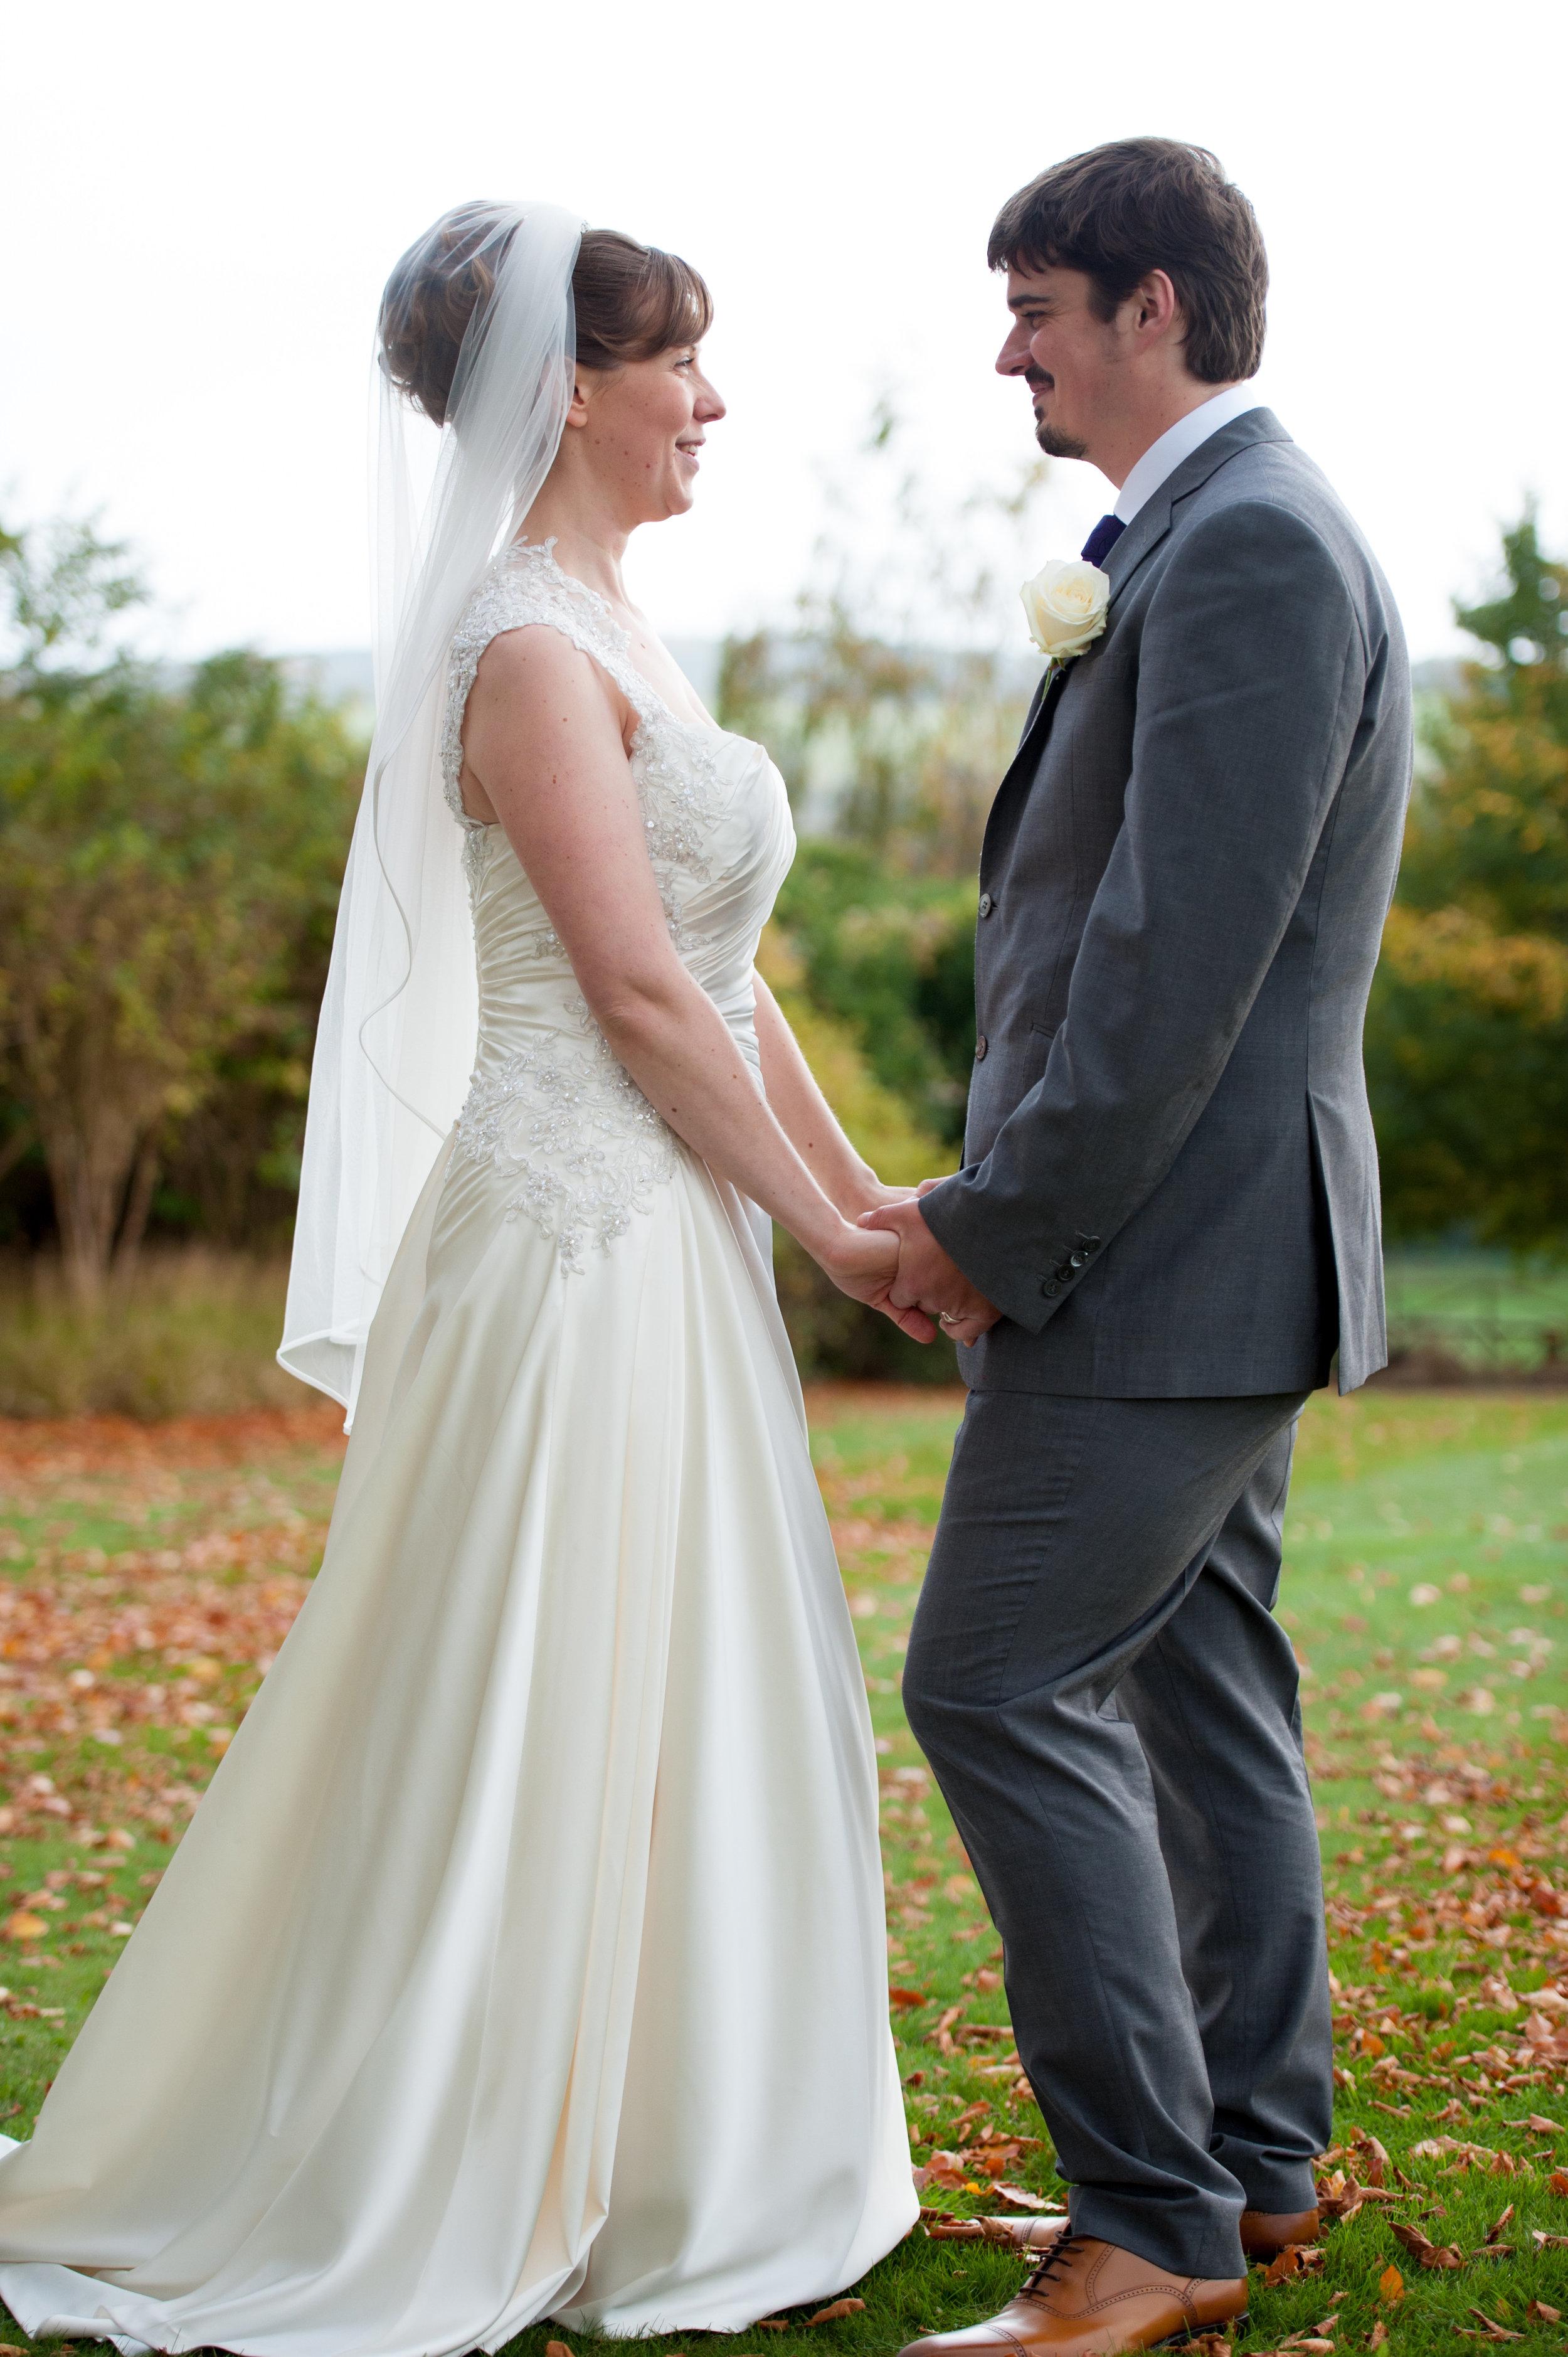 Holly-Kevin-wedding-7190.jpg